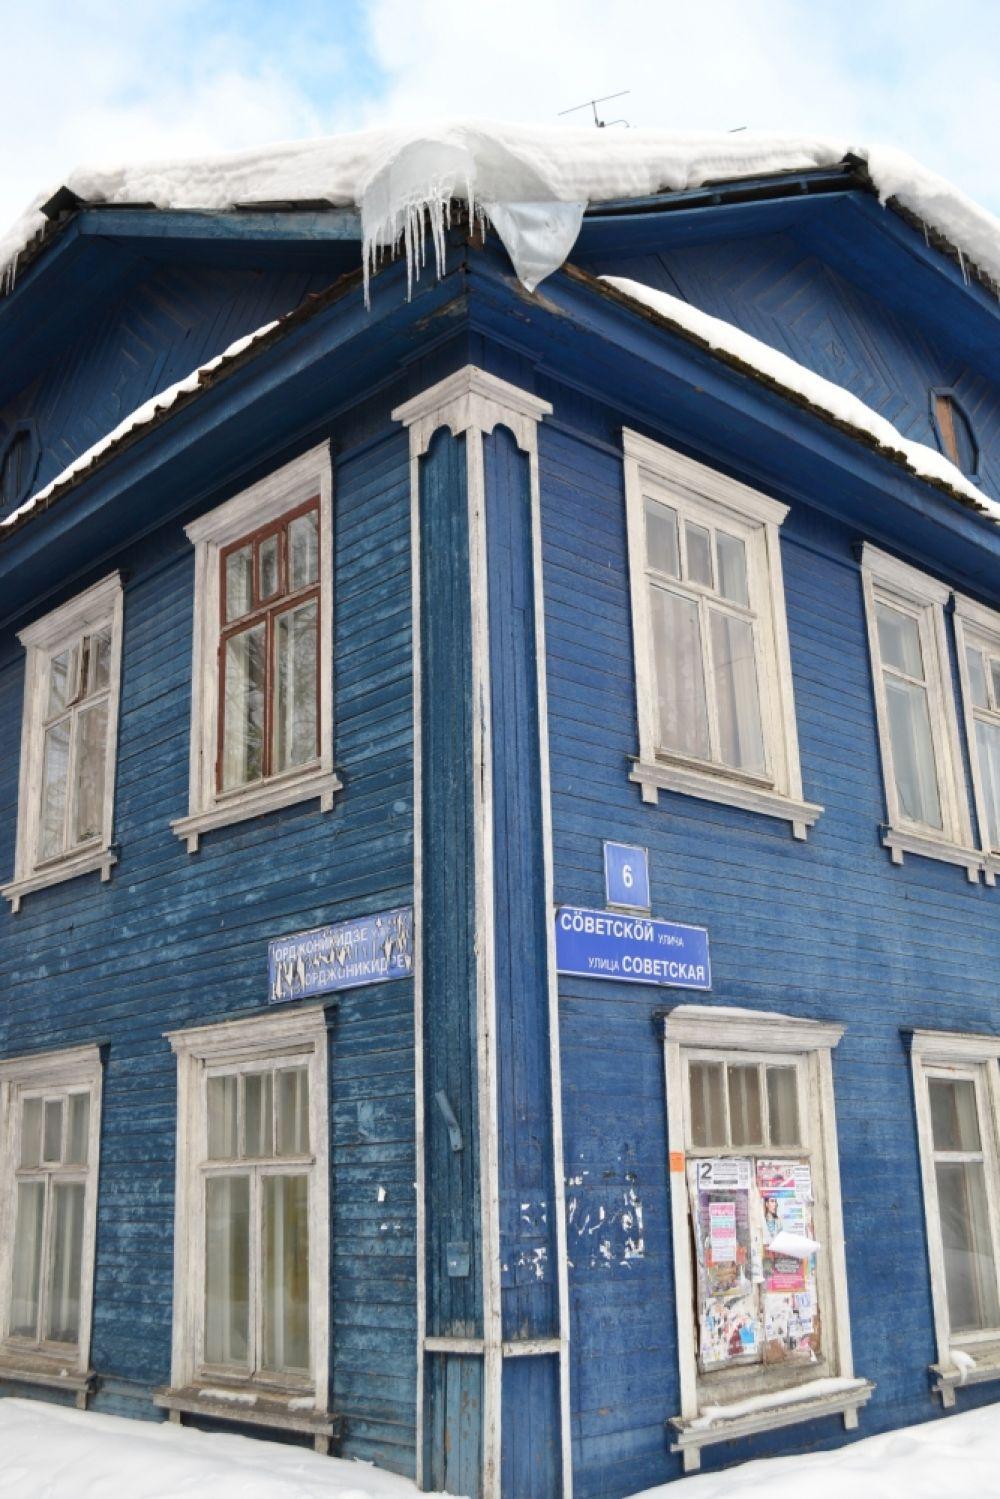 Дом №6 по ул.Советская стоит прямо напротив здания Главного управления МЧС по Коми. Но гулять здесь, в исторической части города, небезопасно. Поэтому пешеходы предпочитают передвигаться вдоль деревянного строения бегом.